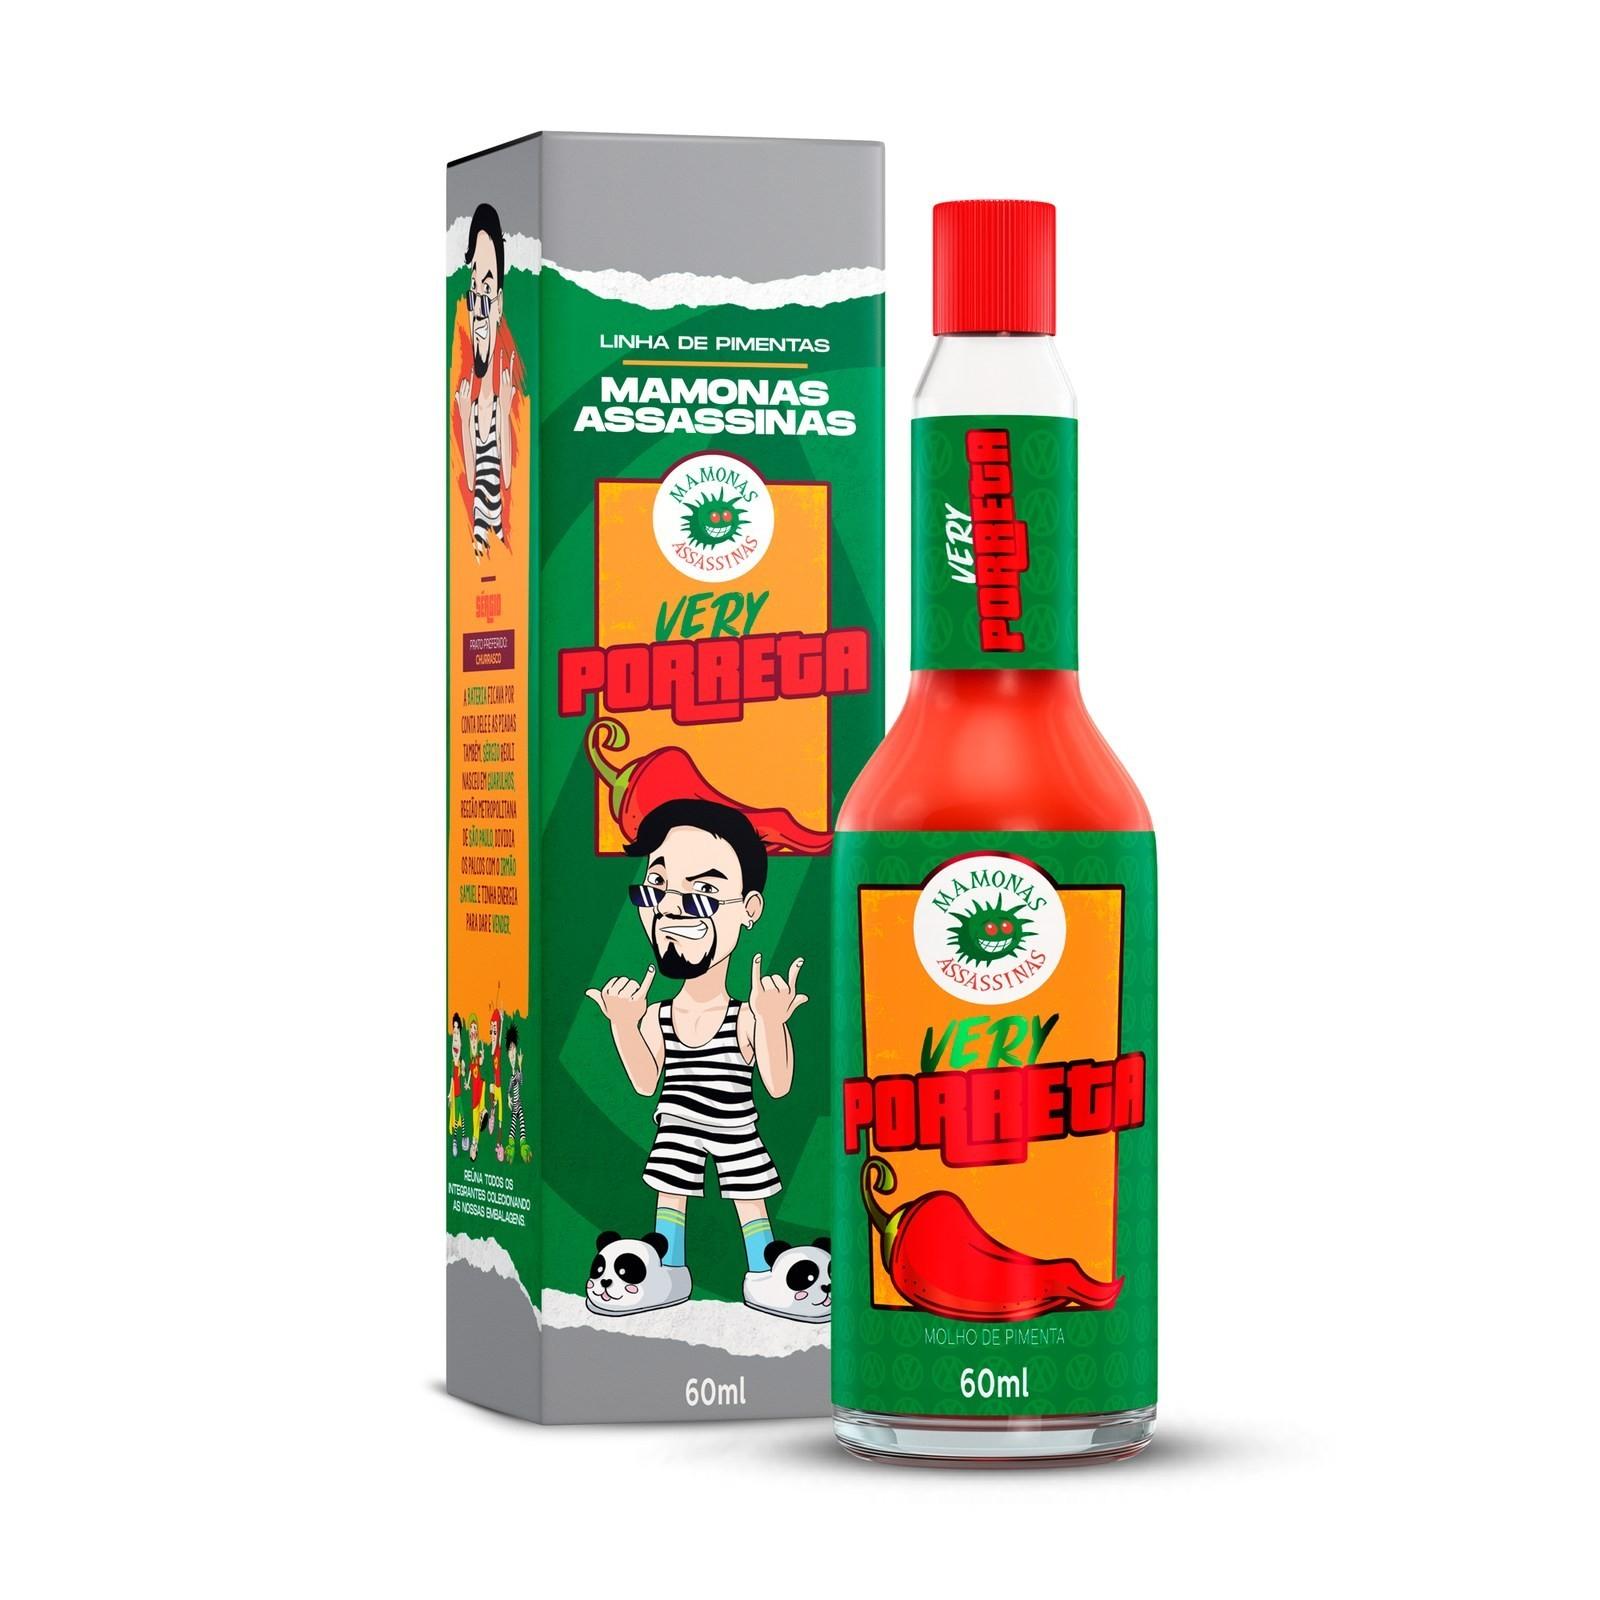 Molho de Pimenta Mamonas Assassinas - Very Porreta 60 ml (SÉRGIO)